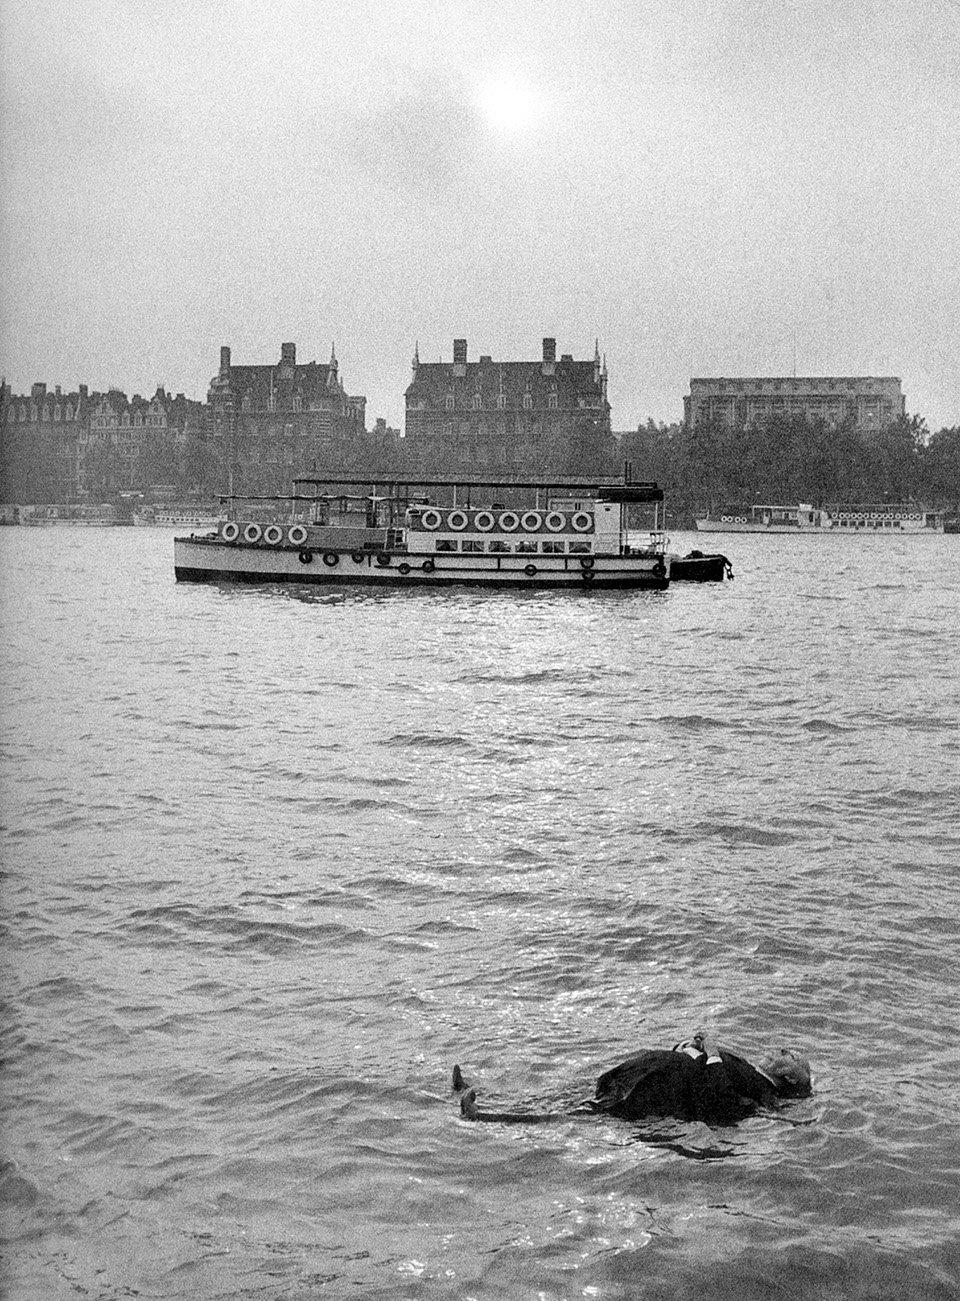 «Φρενίτις» (Frenzy), 1972. Μία κούκλα-ομοίωμα του Χίτσκοκ επιπλέει στον ποταμό Τάμεση, μέρος ενός αστείου διαφημιστικού τρέιλερ για την ταινία «Φρενίτις». O βρετανός σκηνοθέτης λάτρευε το μαύρο χιούμορ, το οποίο έγινε και σήμα κατατεθέν του